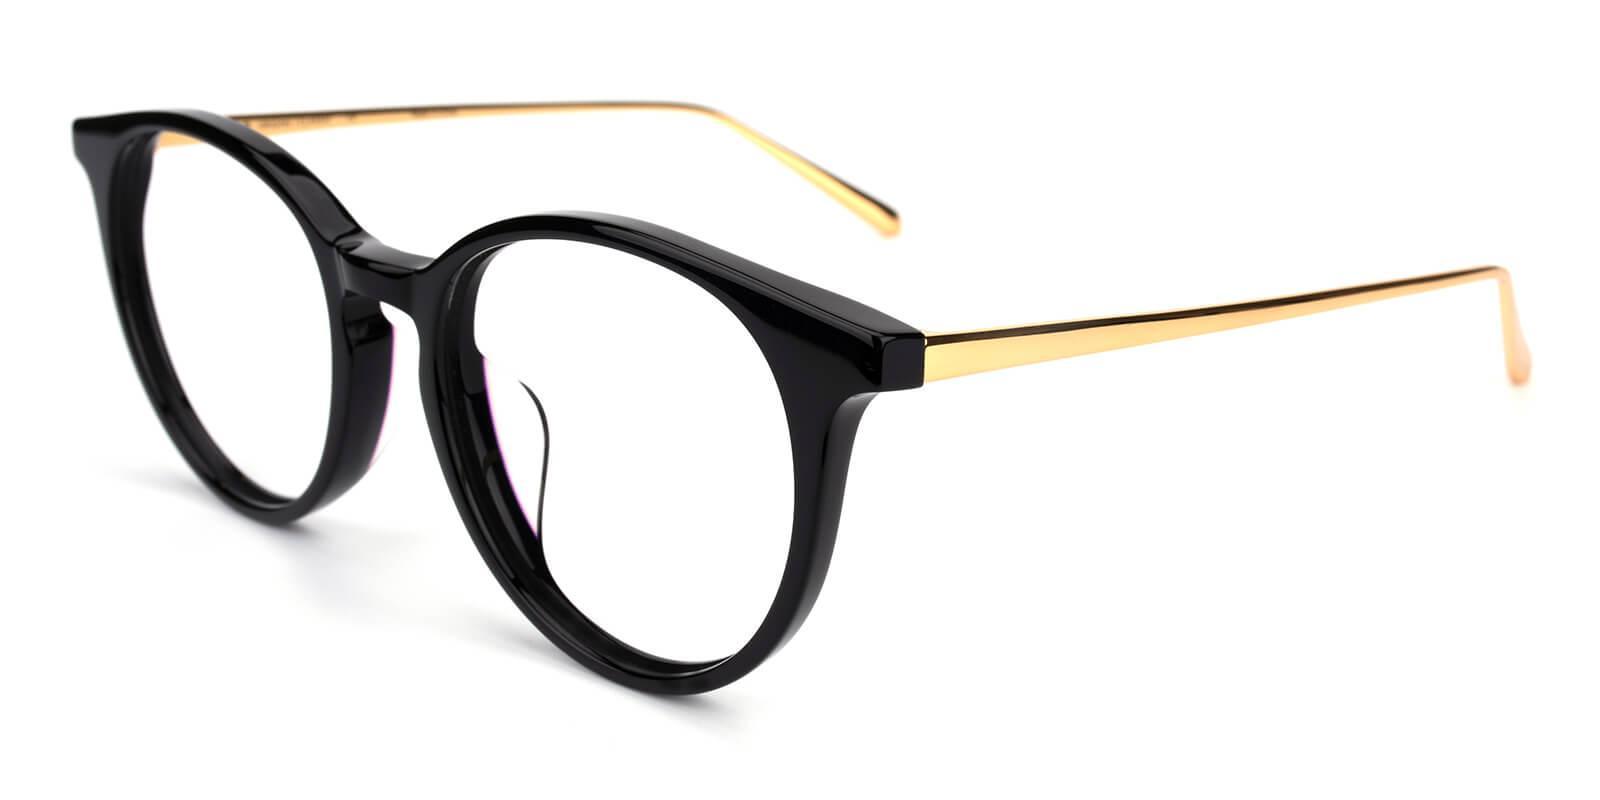 Blrhytem-Black-Round-Titanium-Eyeglasses-additional1